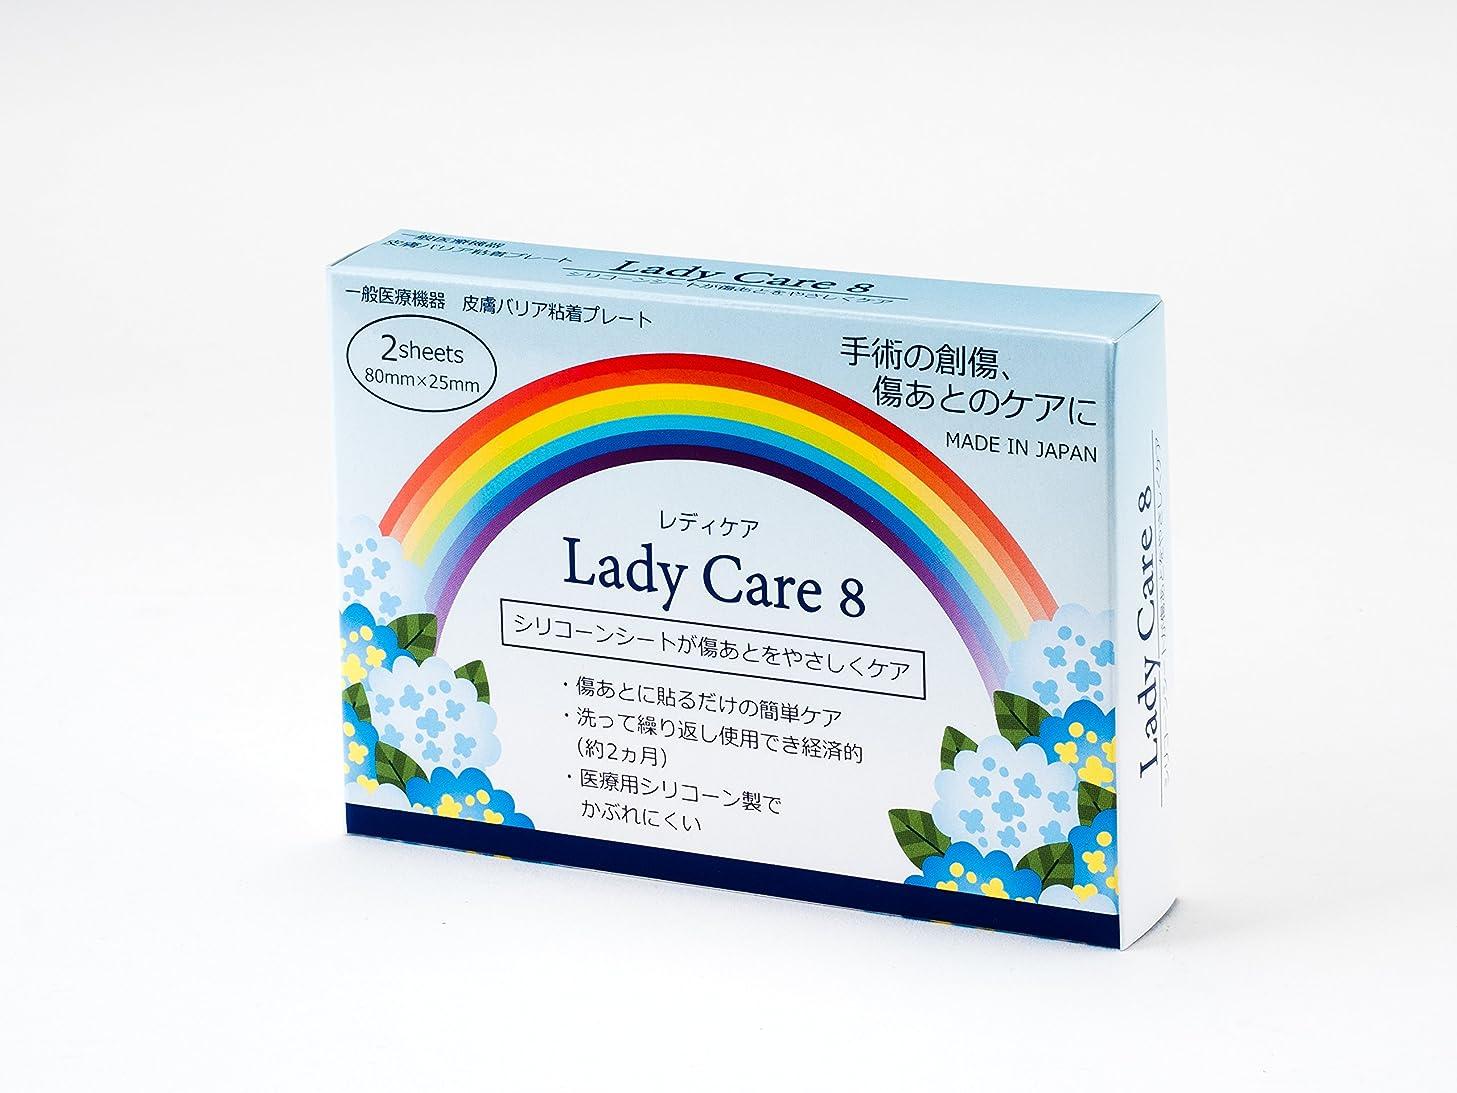 歯現在依存するギネマム Lady Care8 レディケア8 【8cm×2.5cm】 2枚入り 術後